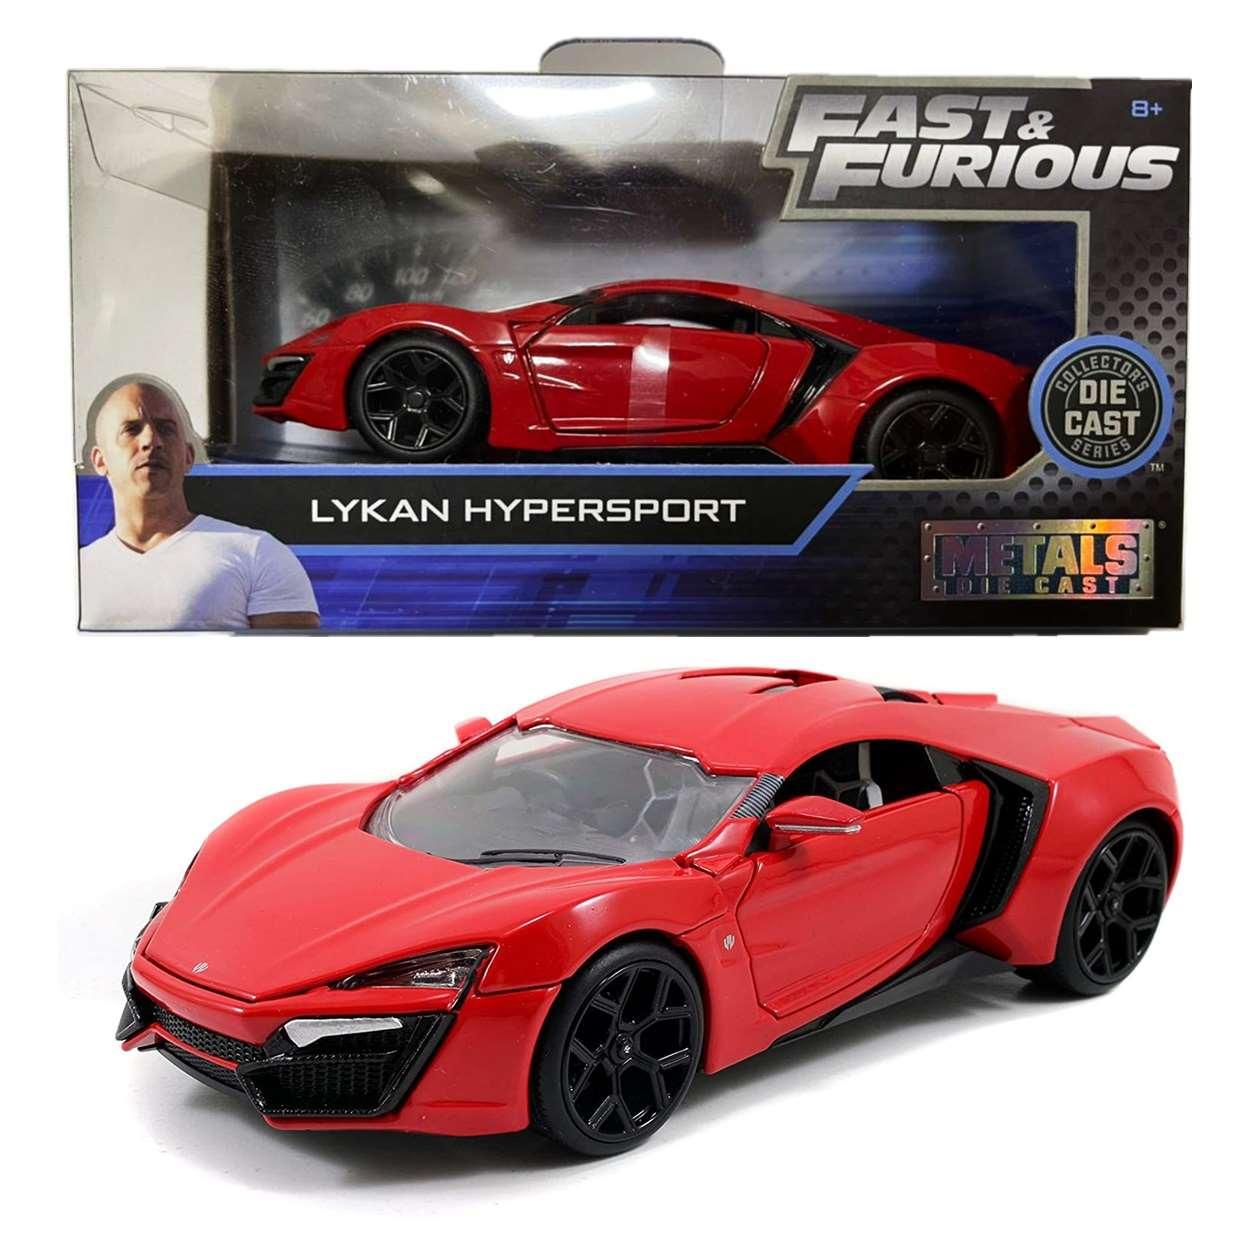 Lykan Hypersport Red 1/32 Fast & Furious Jada Metal Die Cast